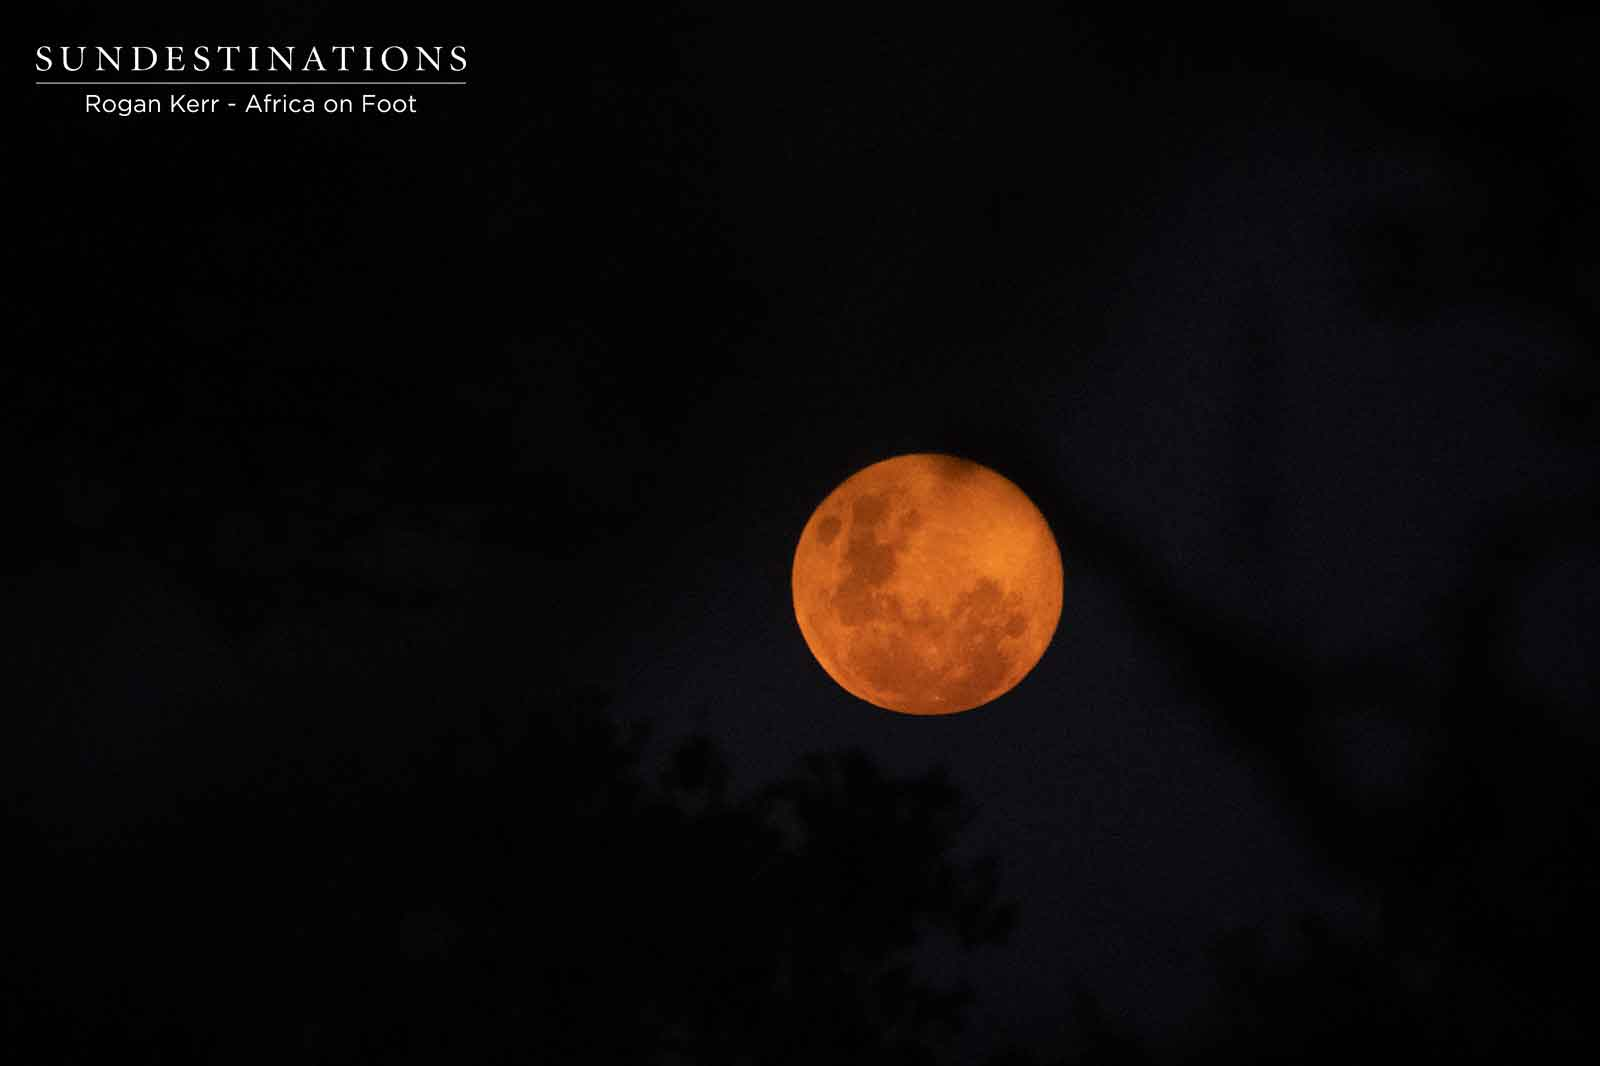 Full Moon Over the Klaserie